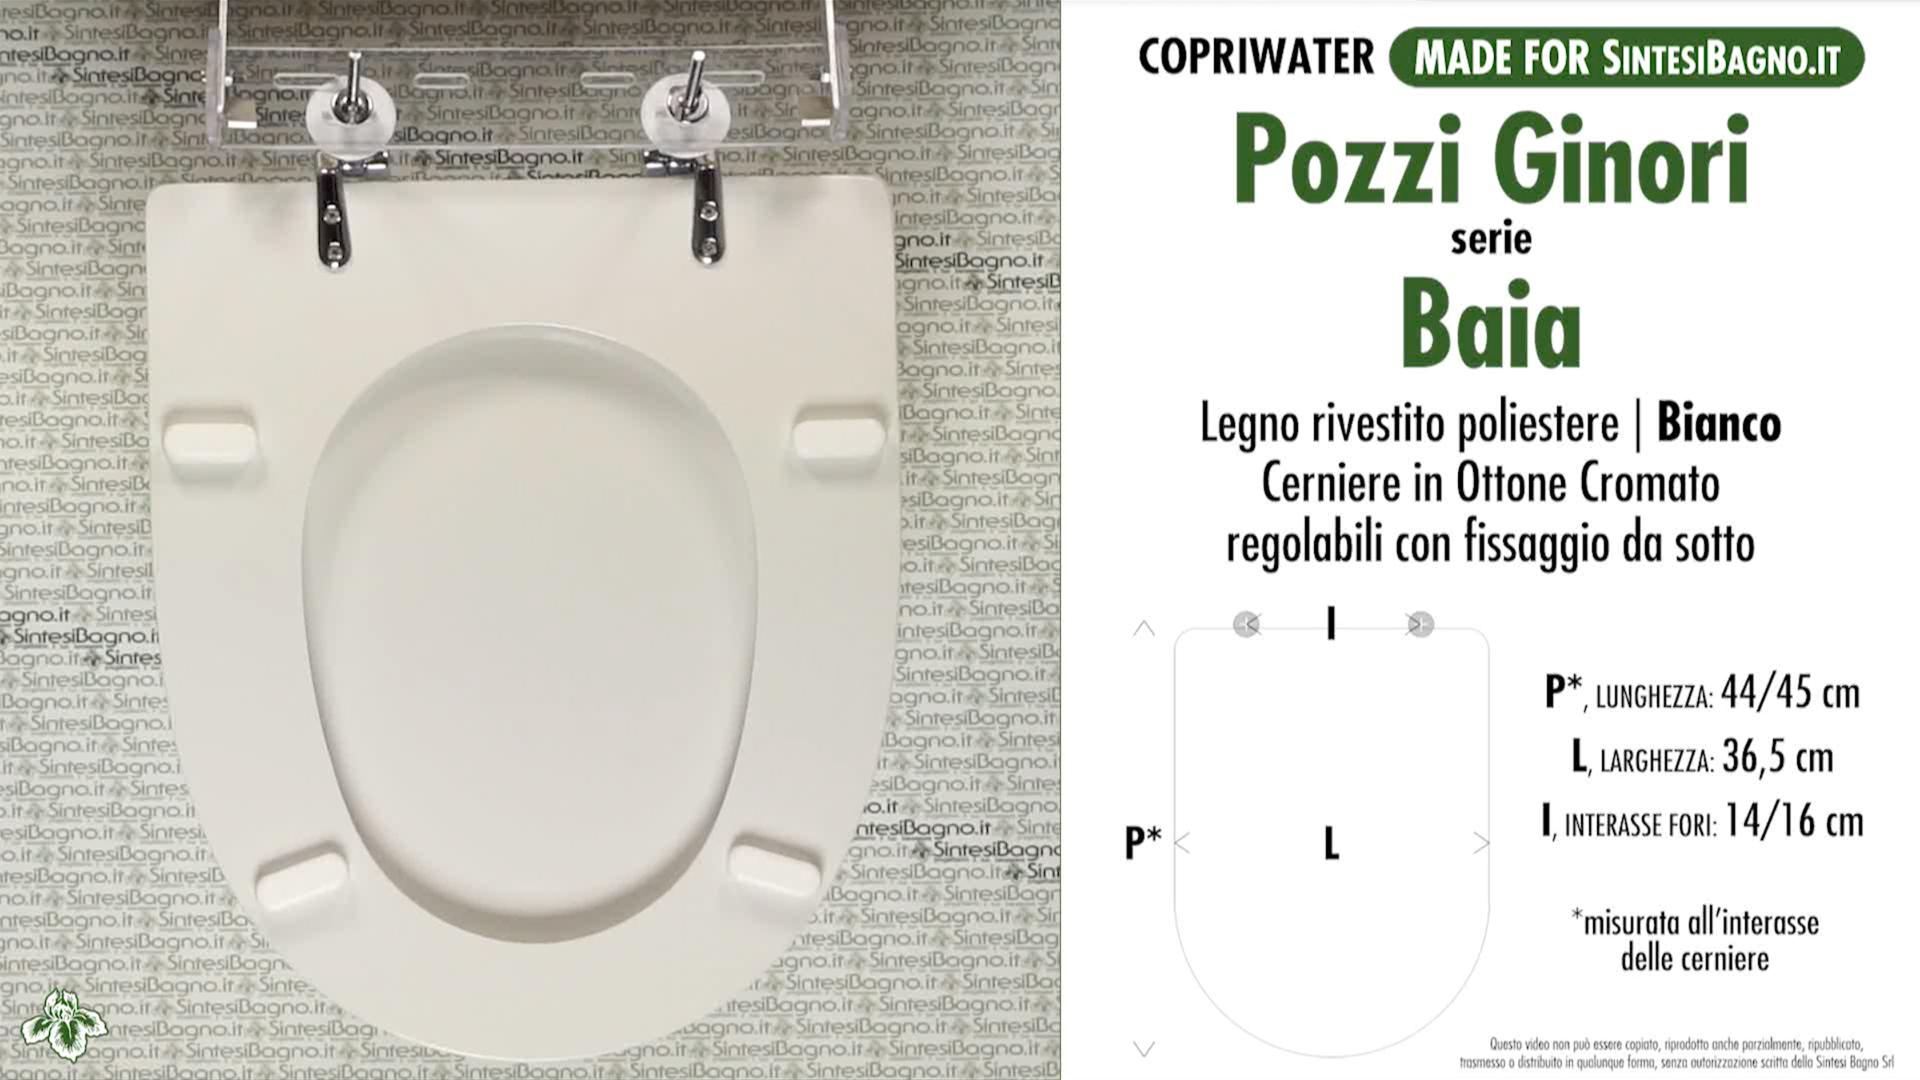 SCHEDA TECNICA MISURE copriwater POZZI GINORI BAIA